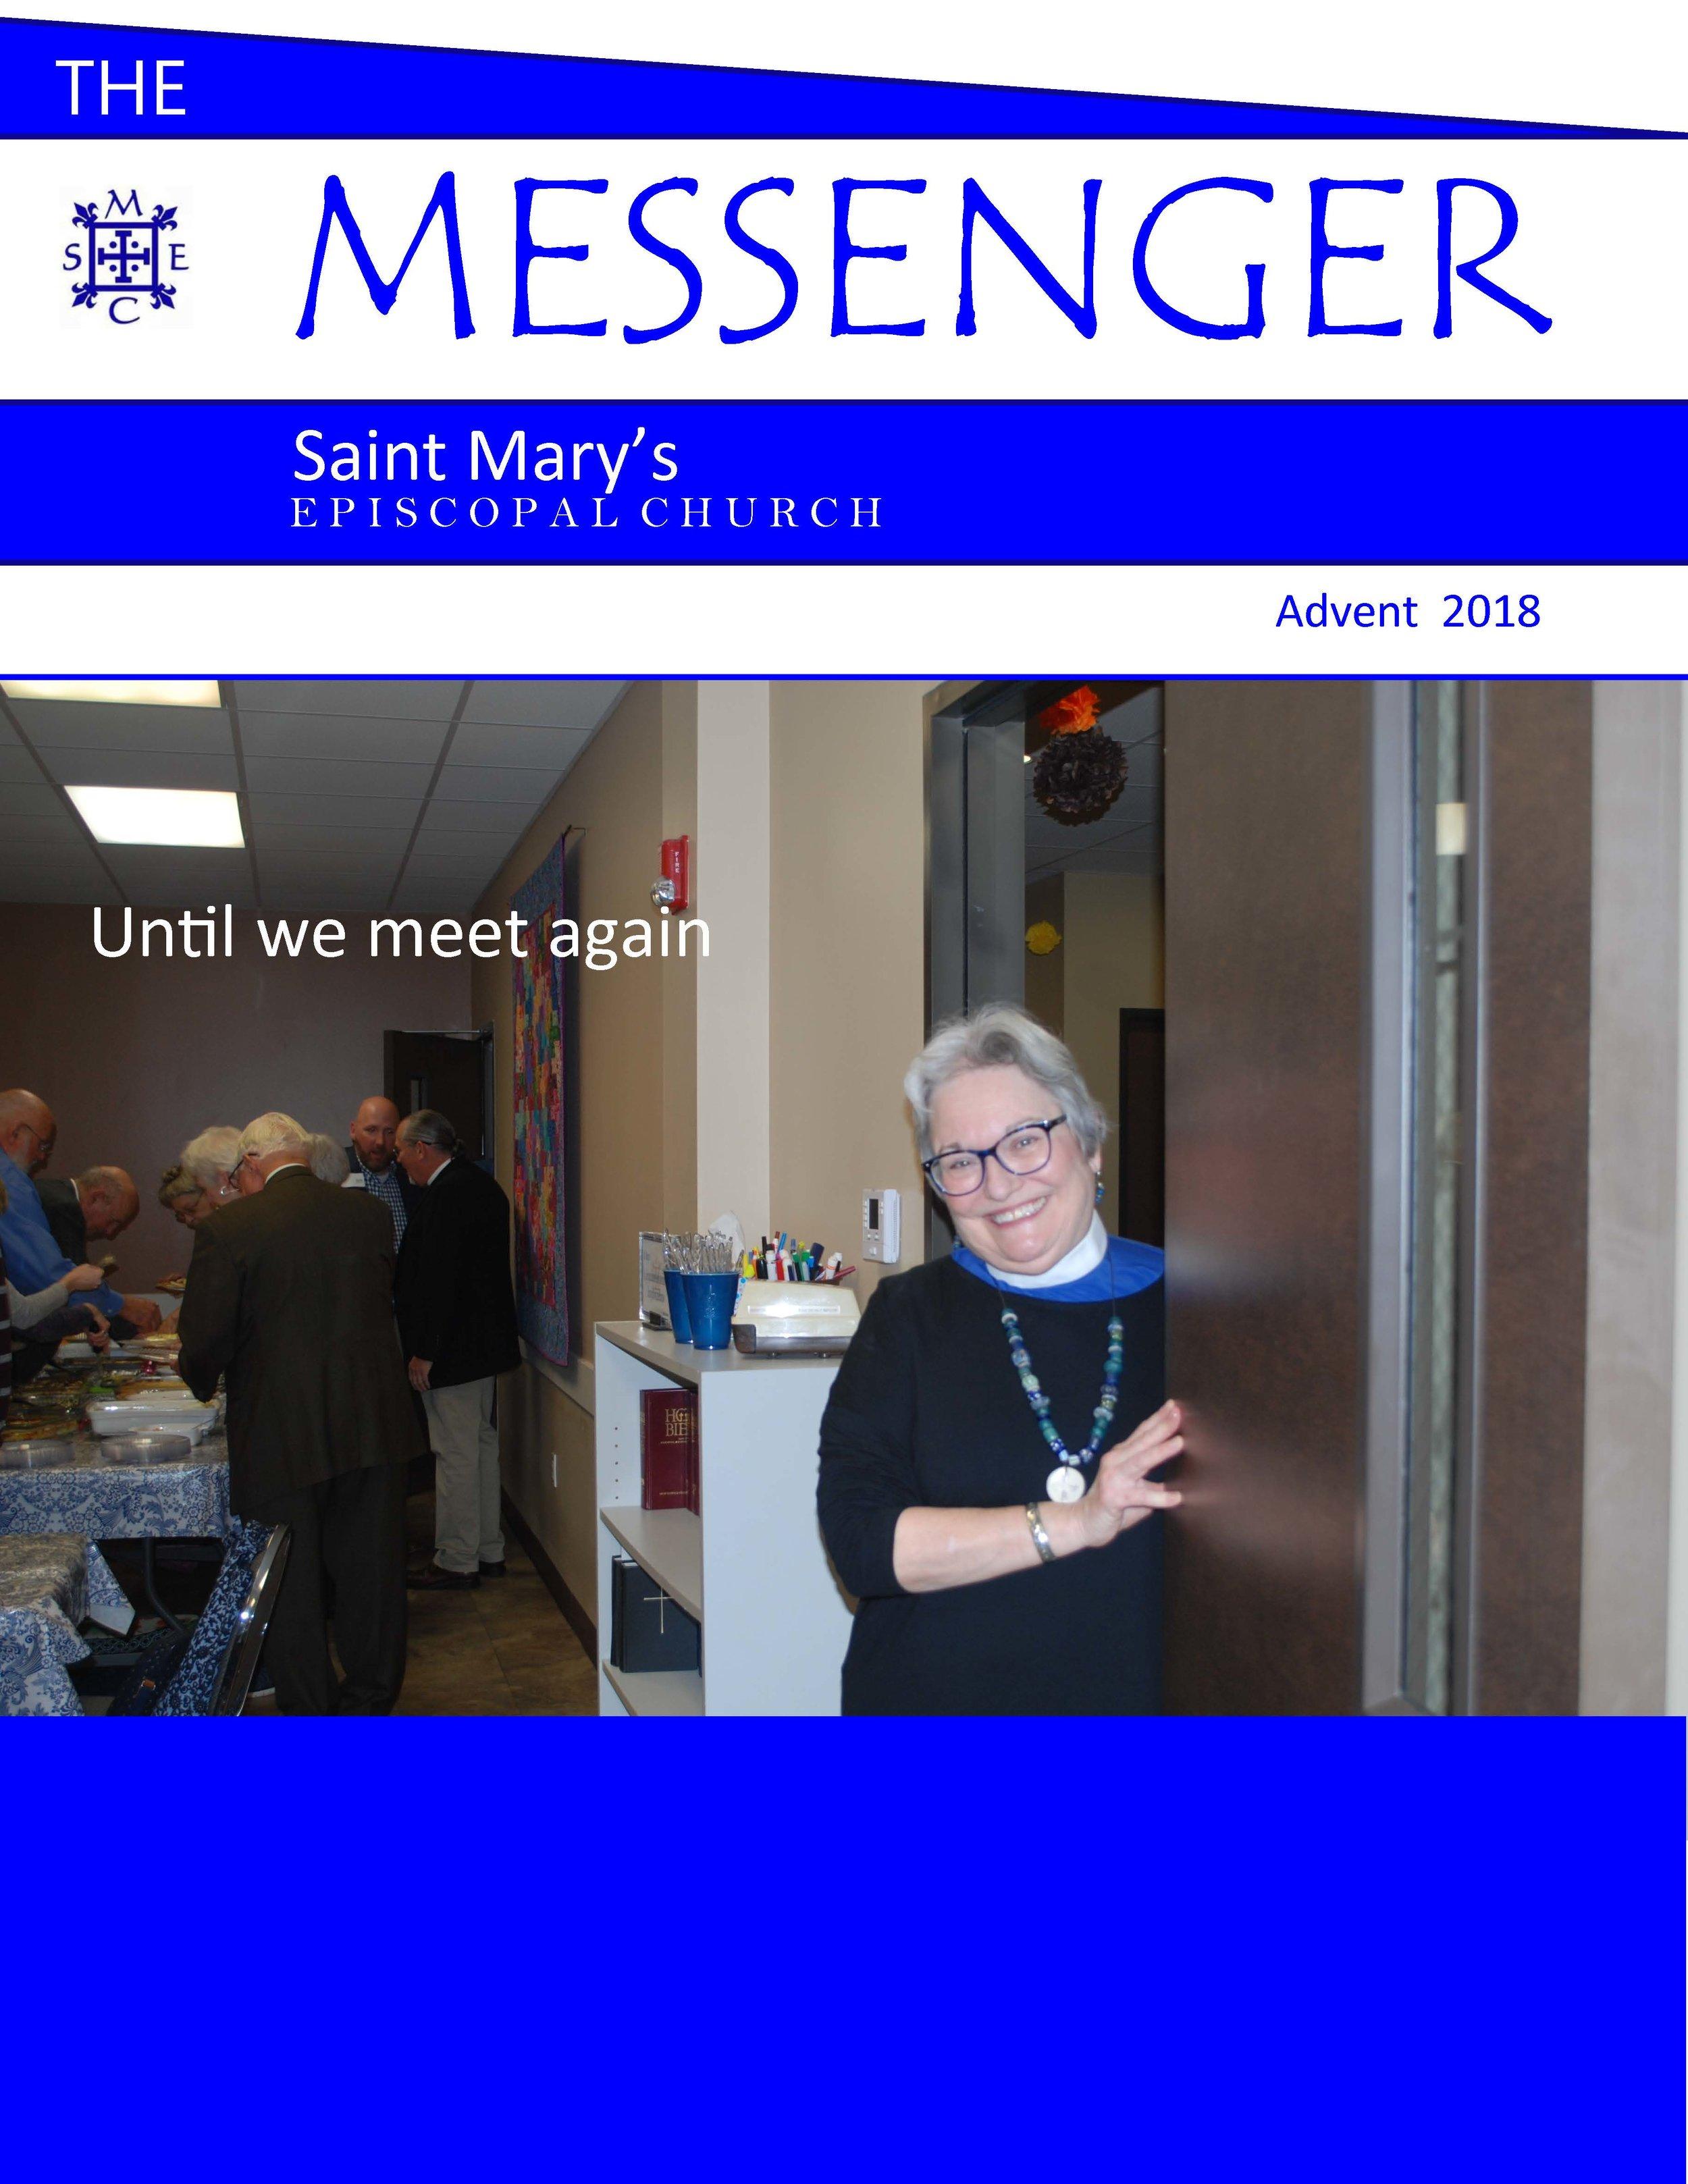 Messenger Advent 2018 Cover.jpg